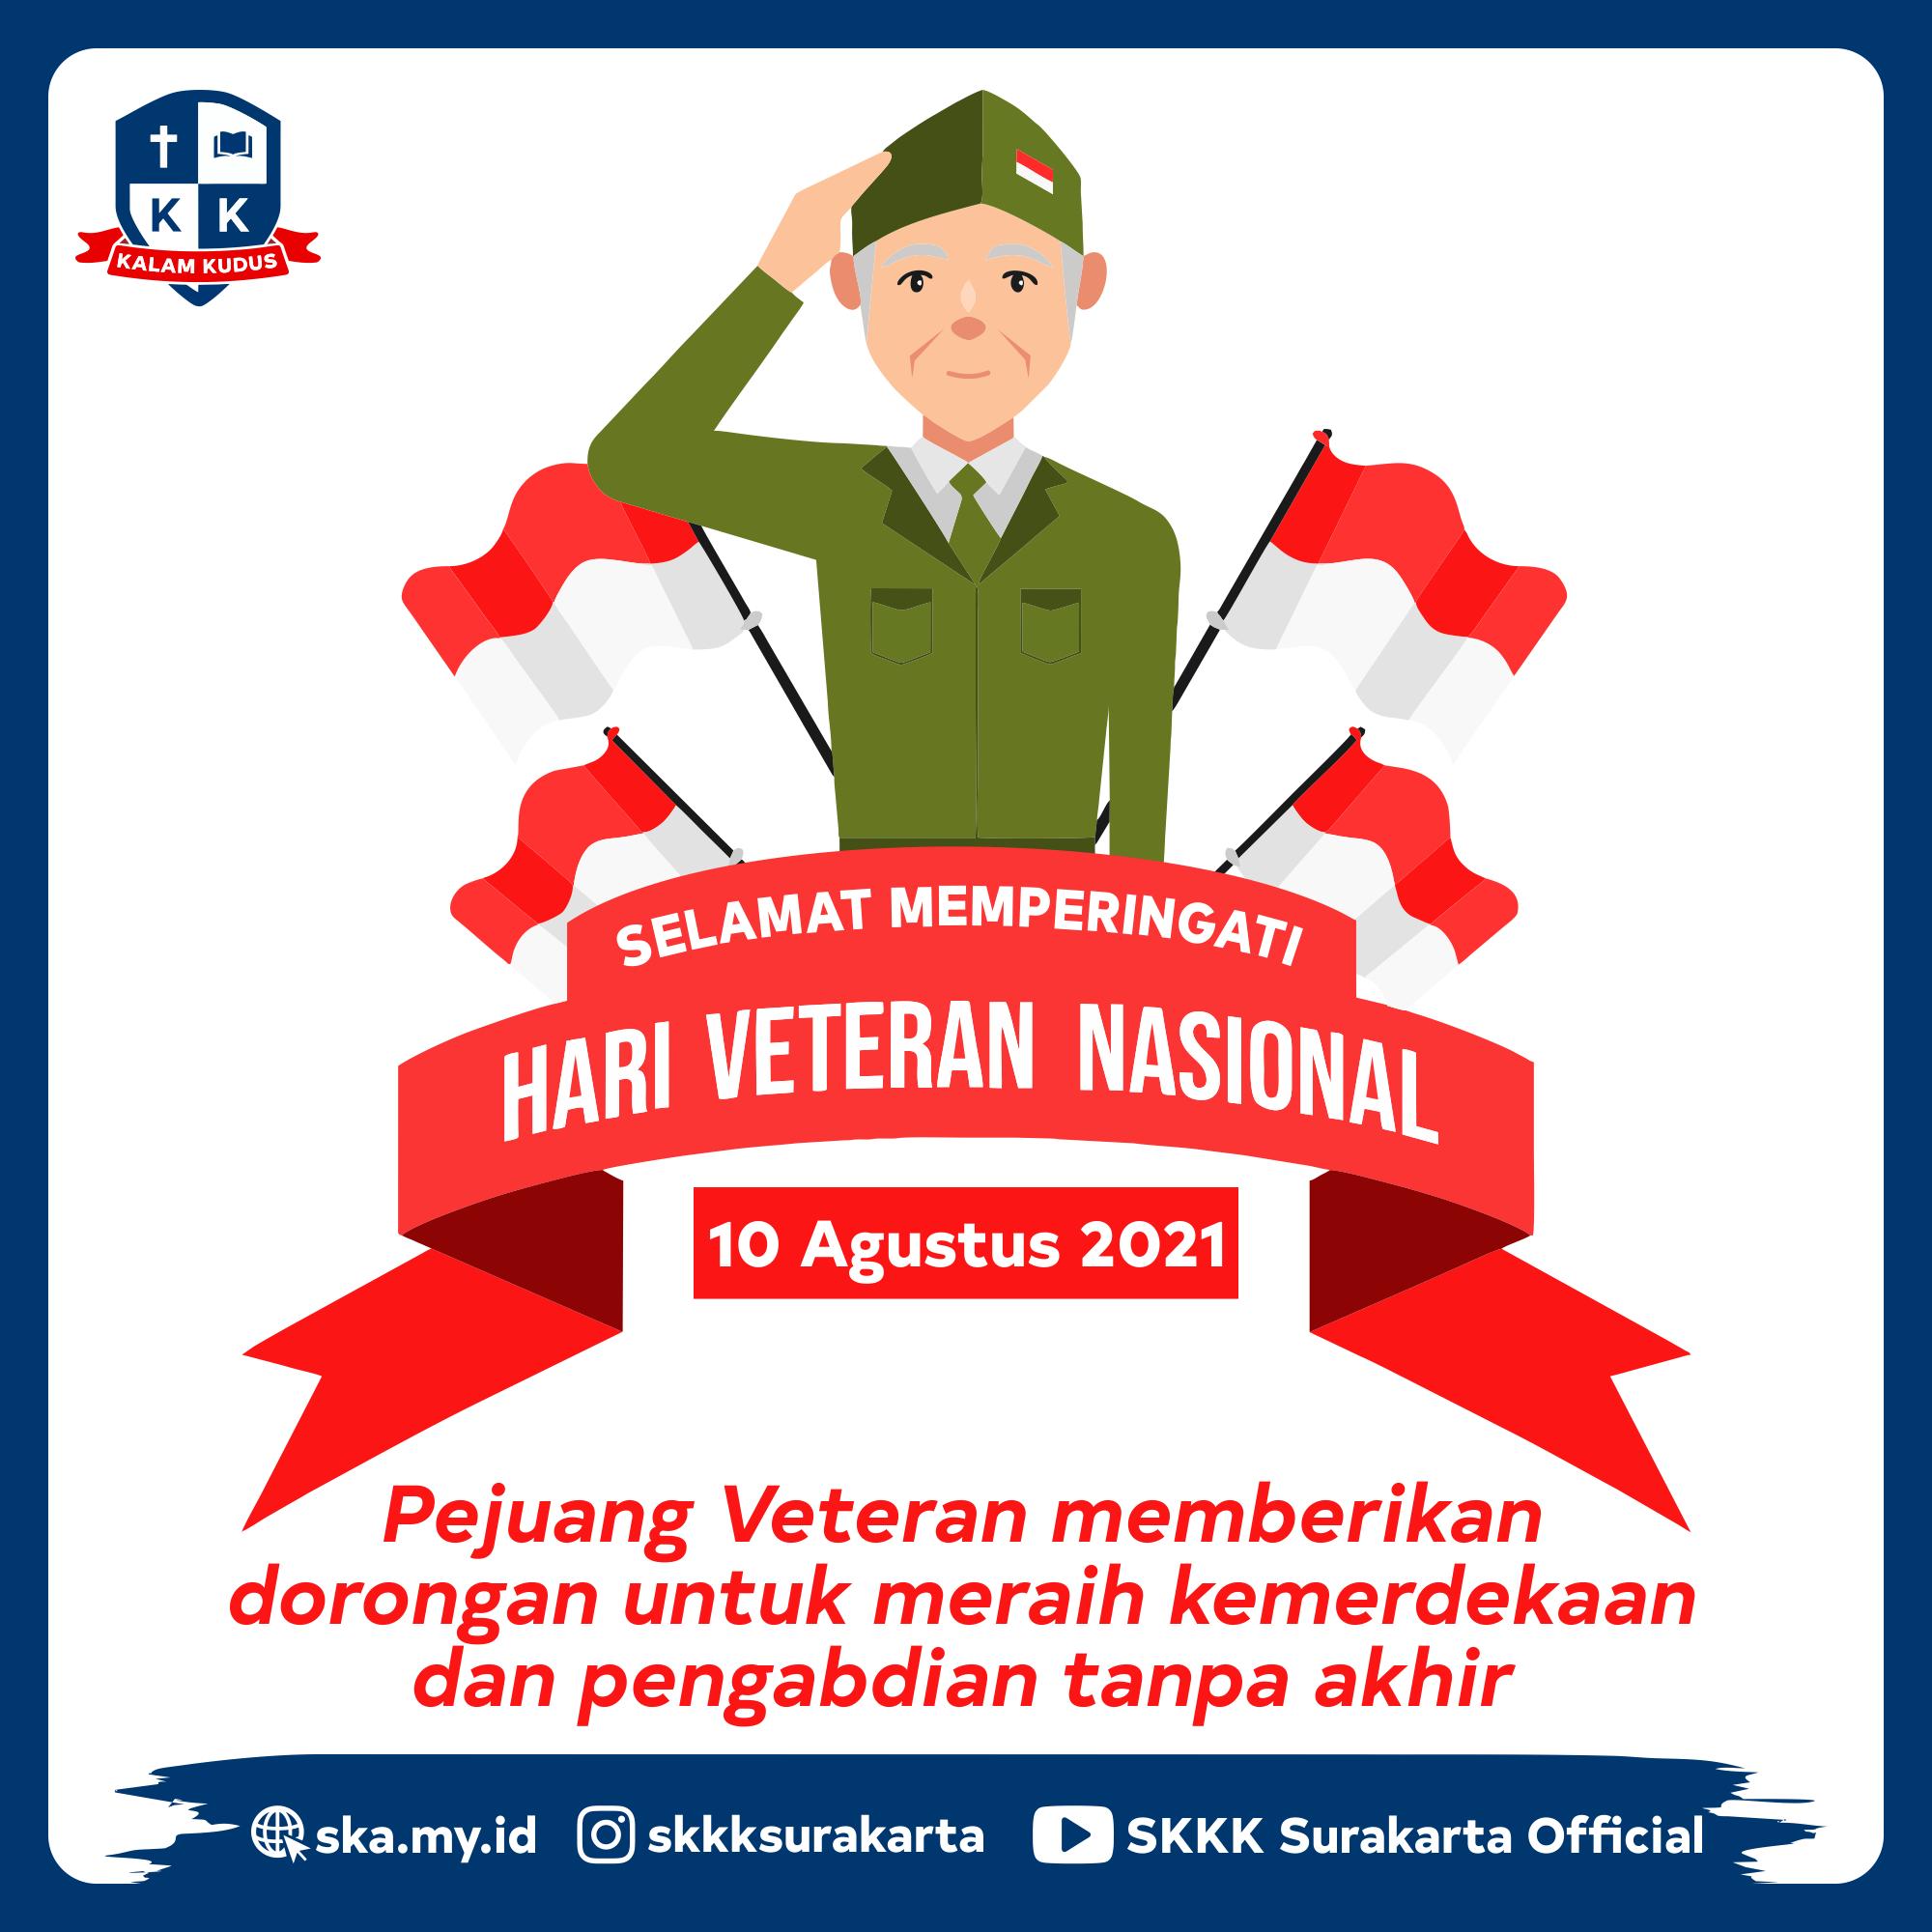 Hari Veteran Nasional 2021